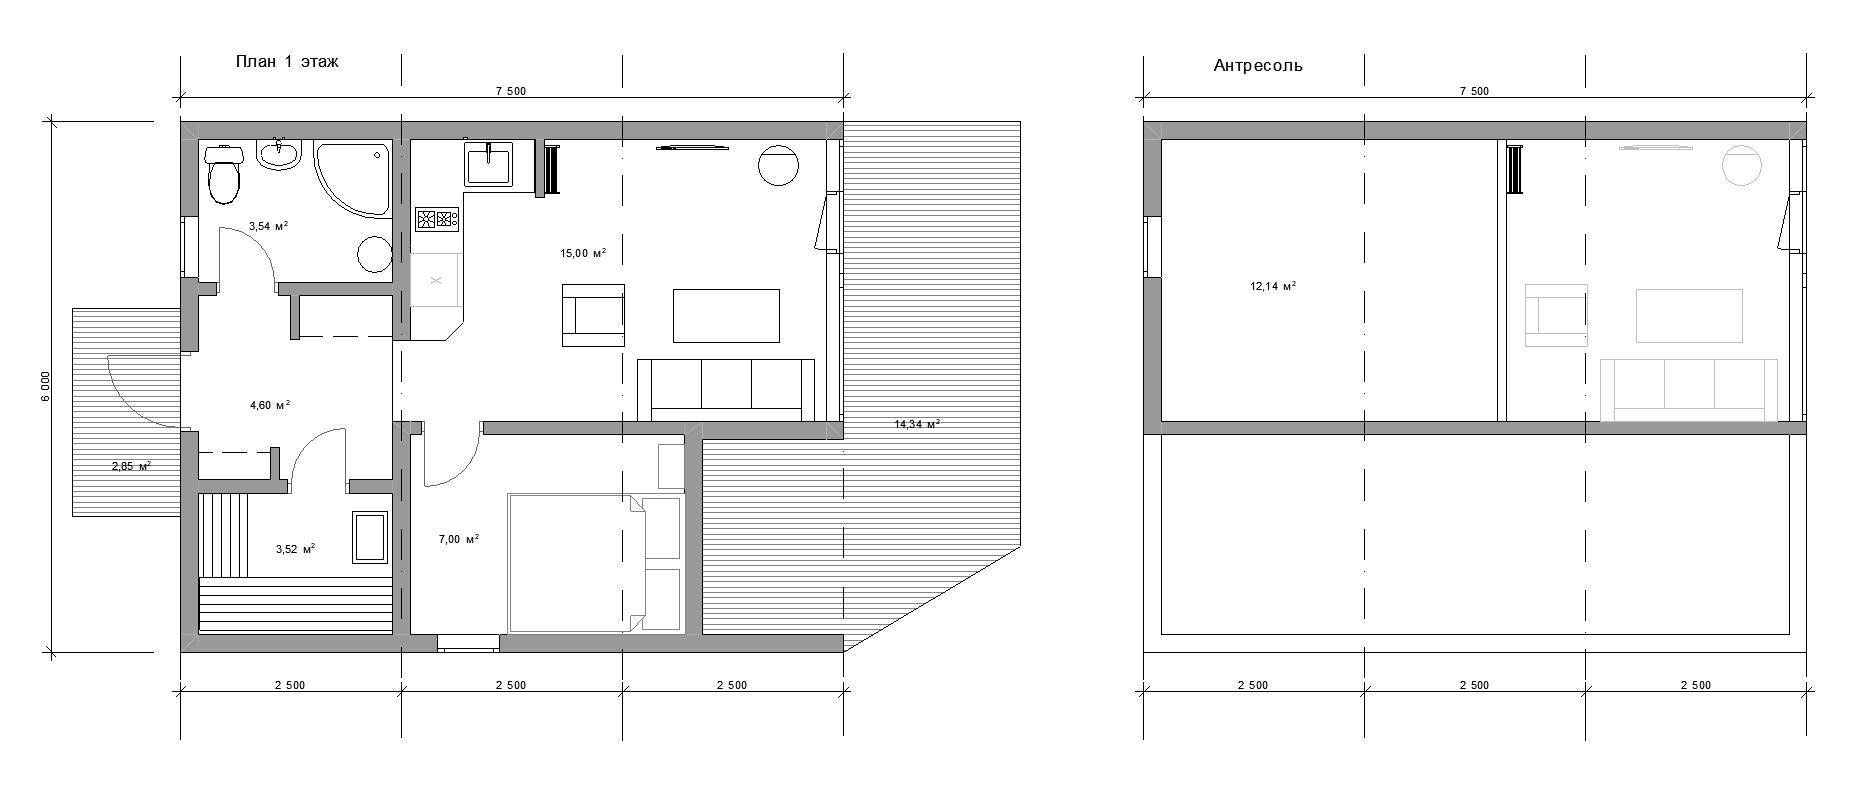 Планировка модульного дома